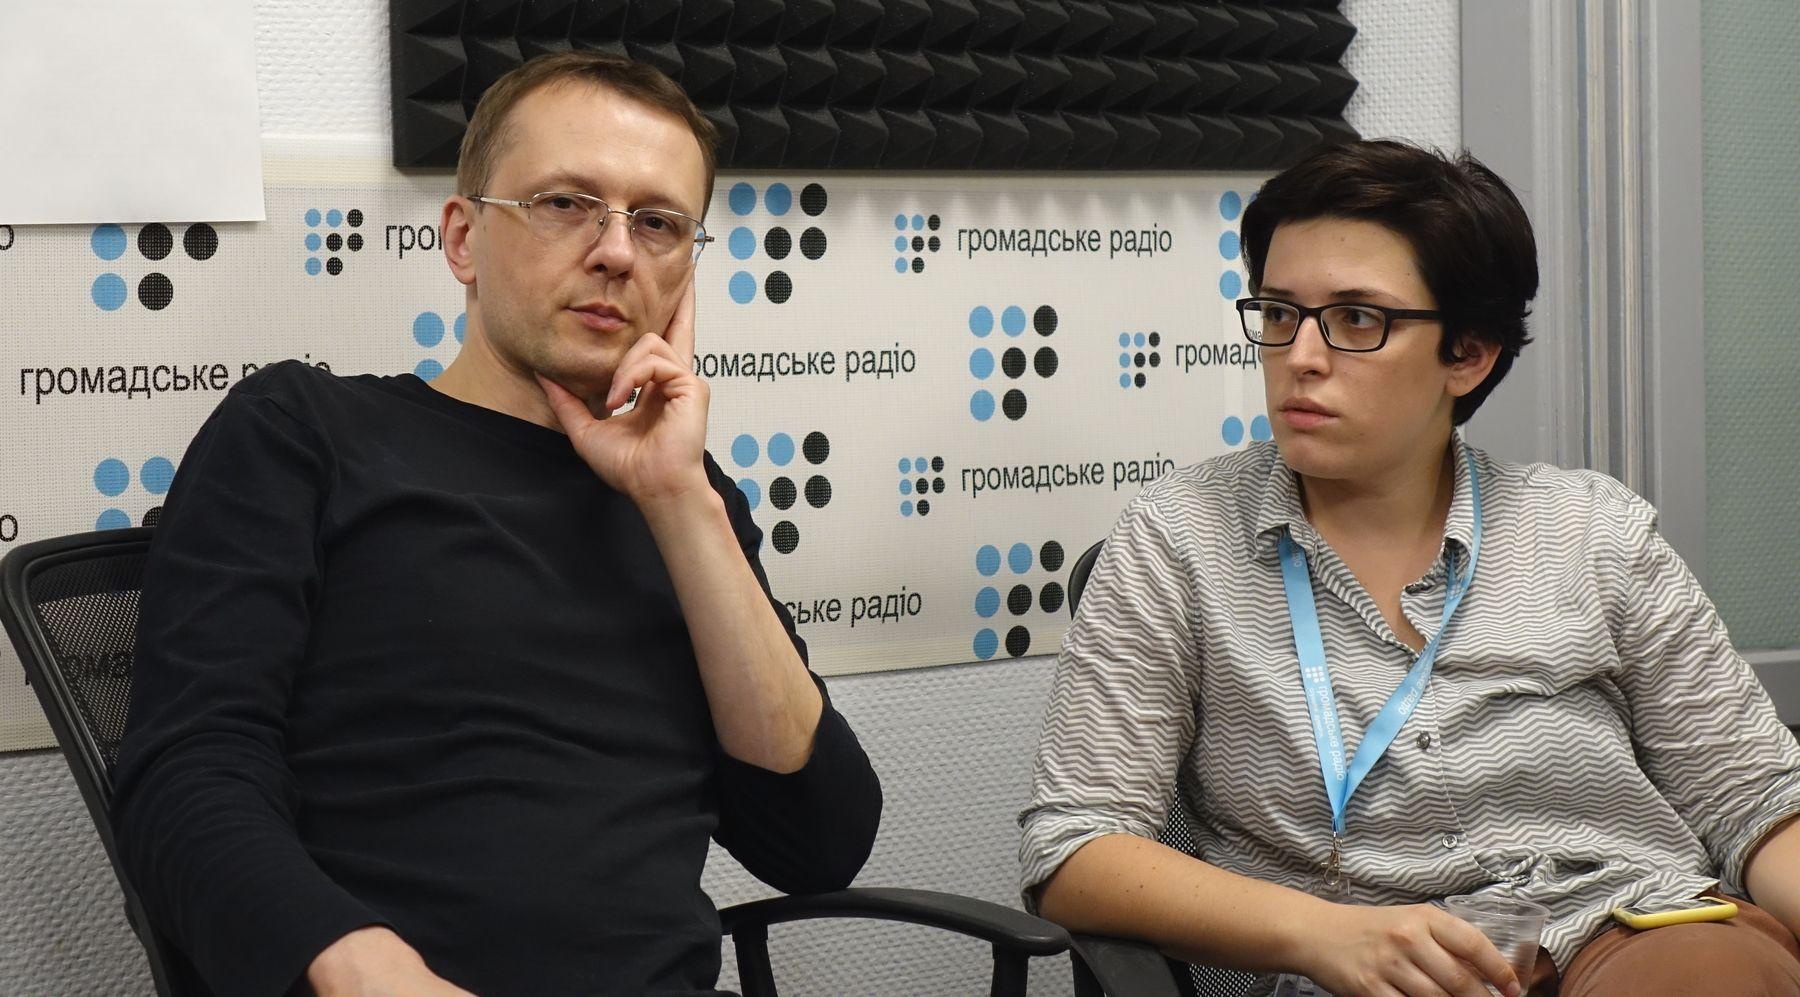 Лукеренко Кузьменко